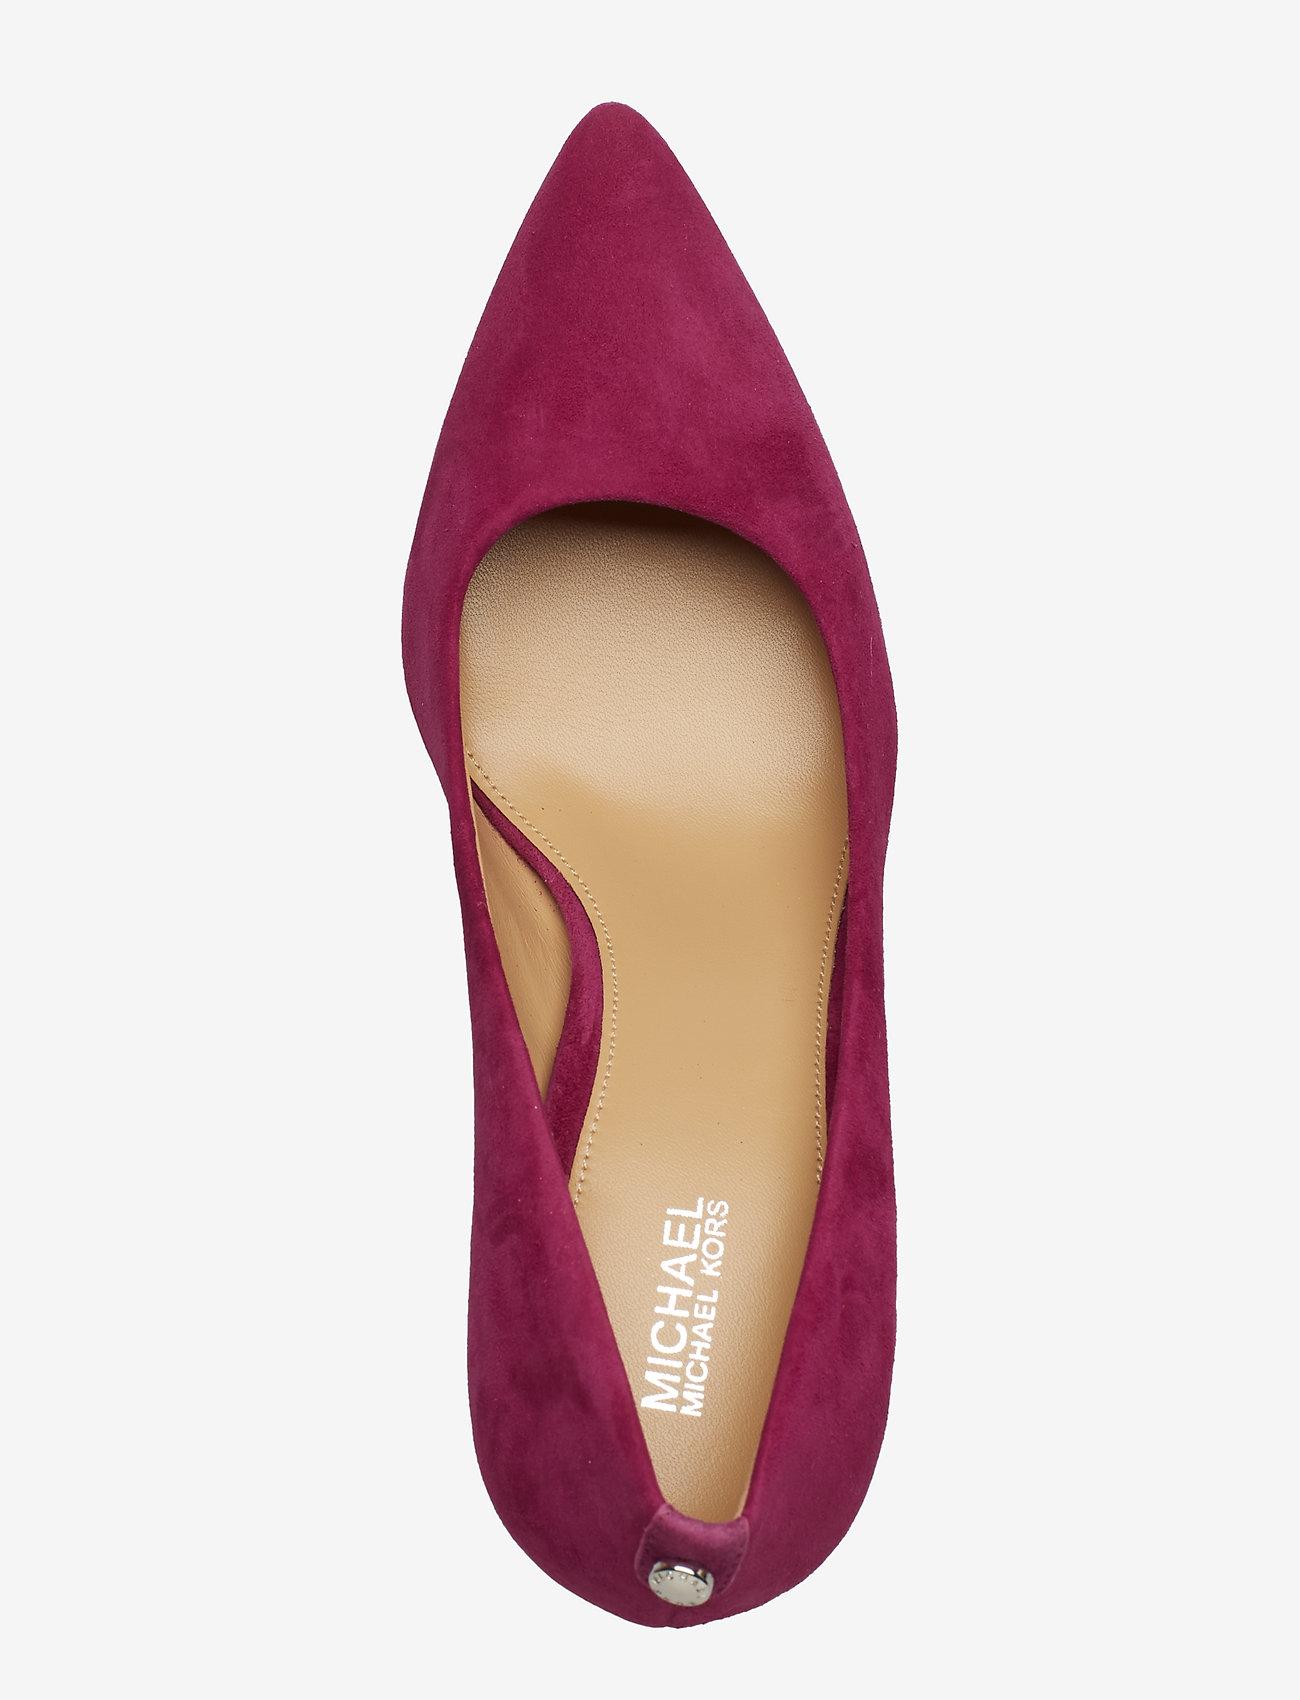 Michael Kors Shoes Dorothy Flex Pump - Sko Med Hæl Garnet